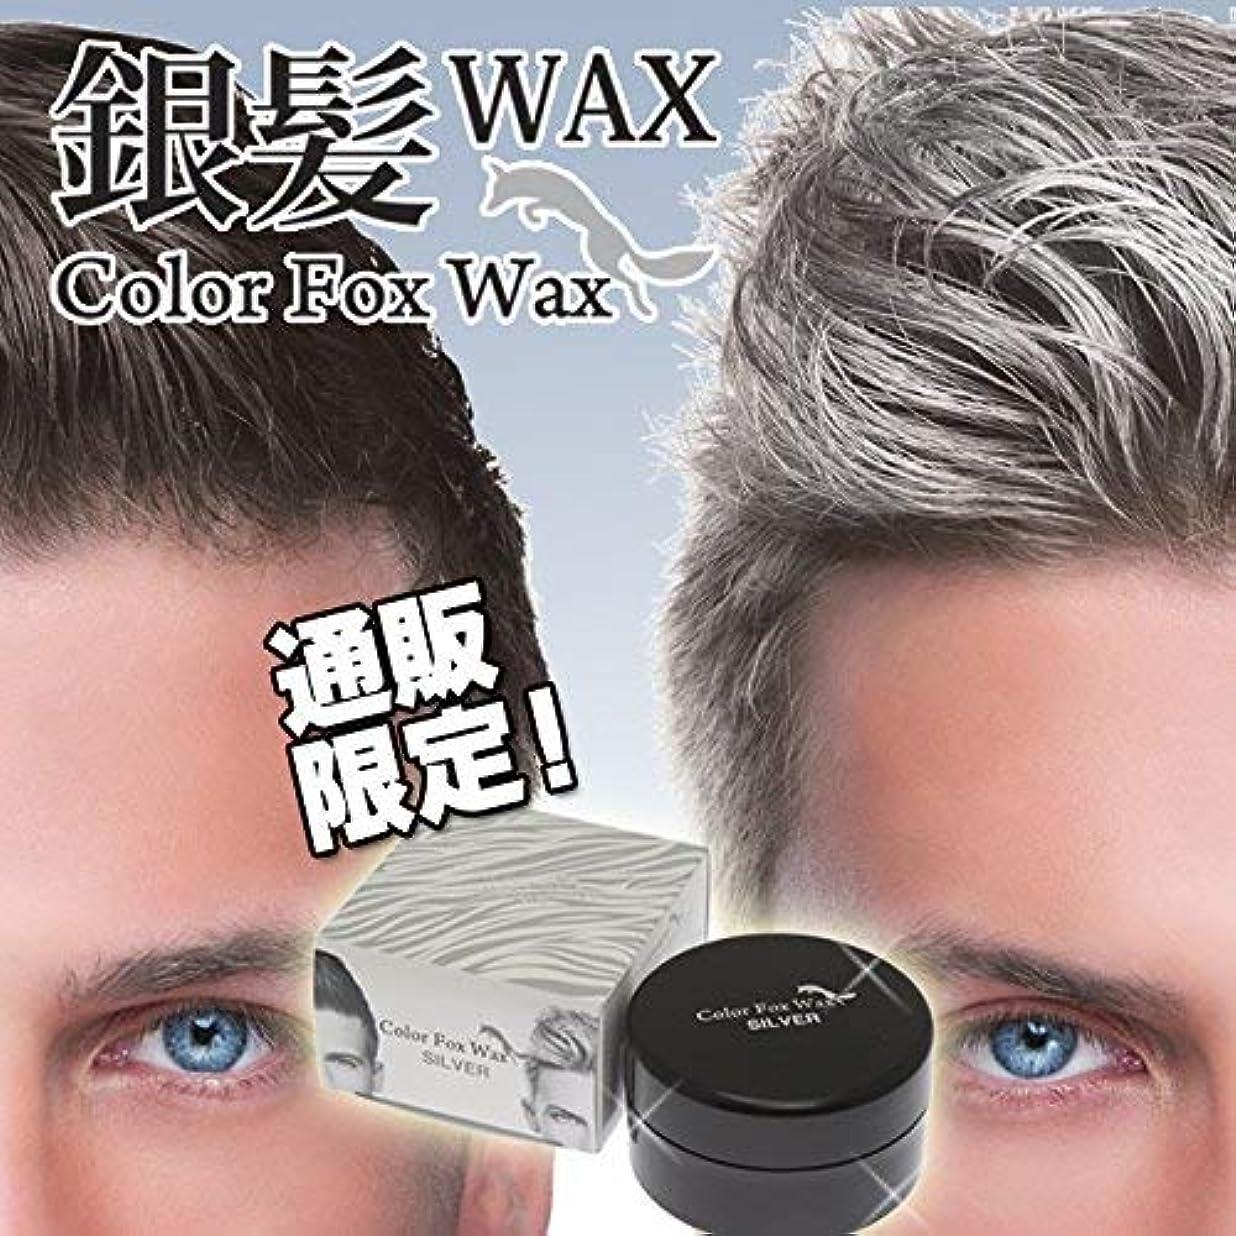 【正規品】1DAY銀髪カラーリング カラーフォックスワックス シルバー120g